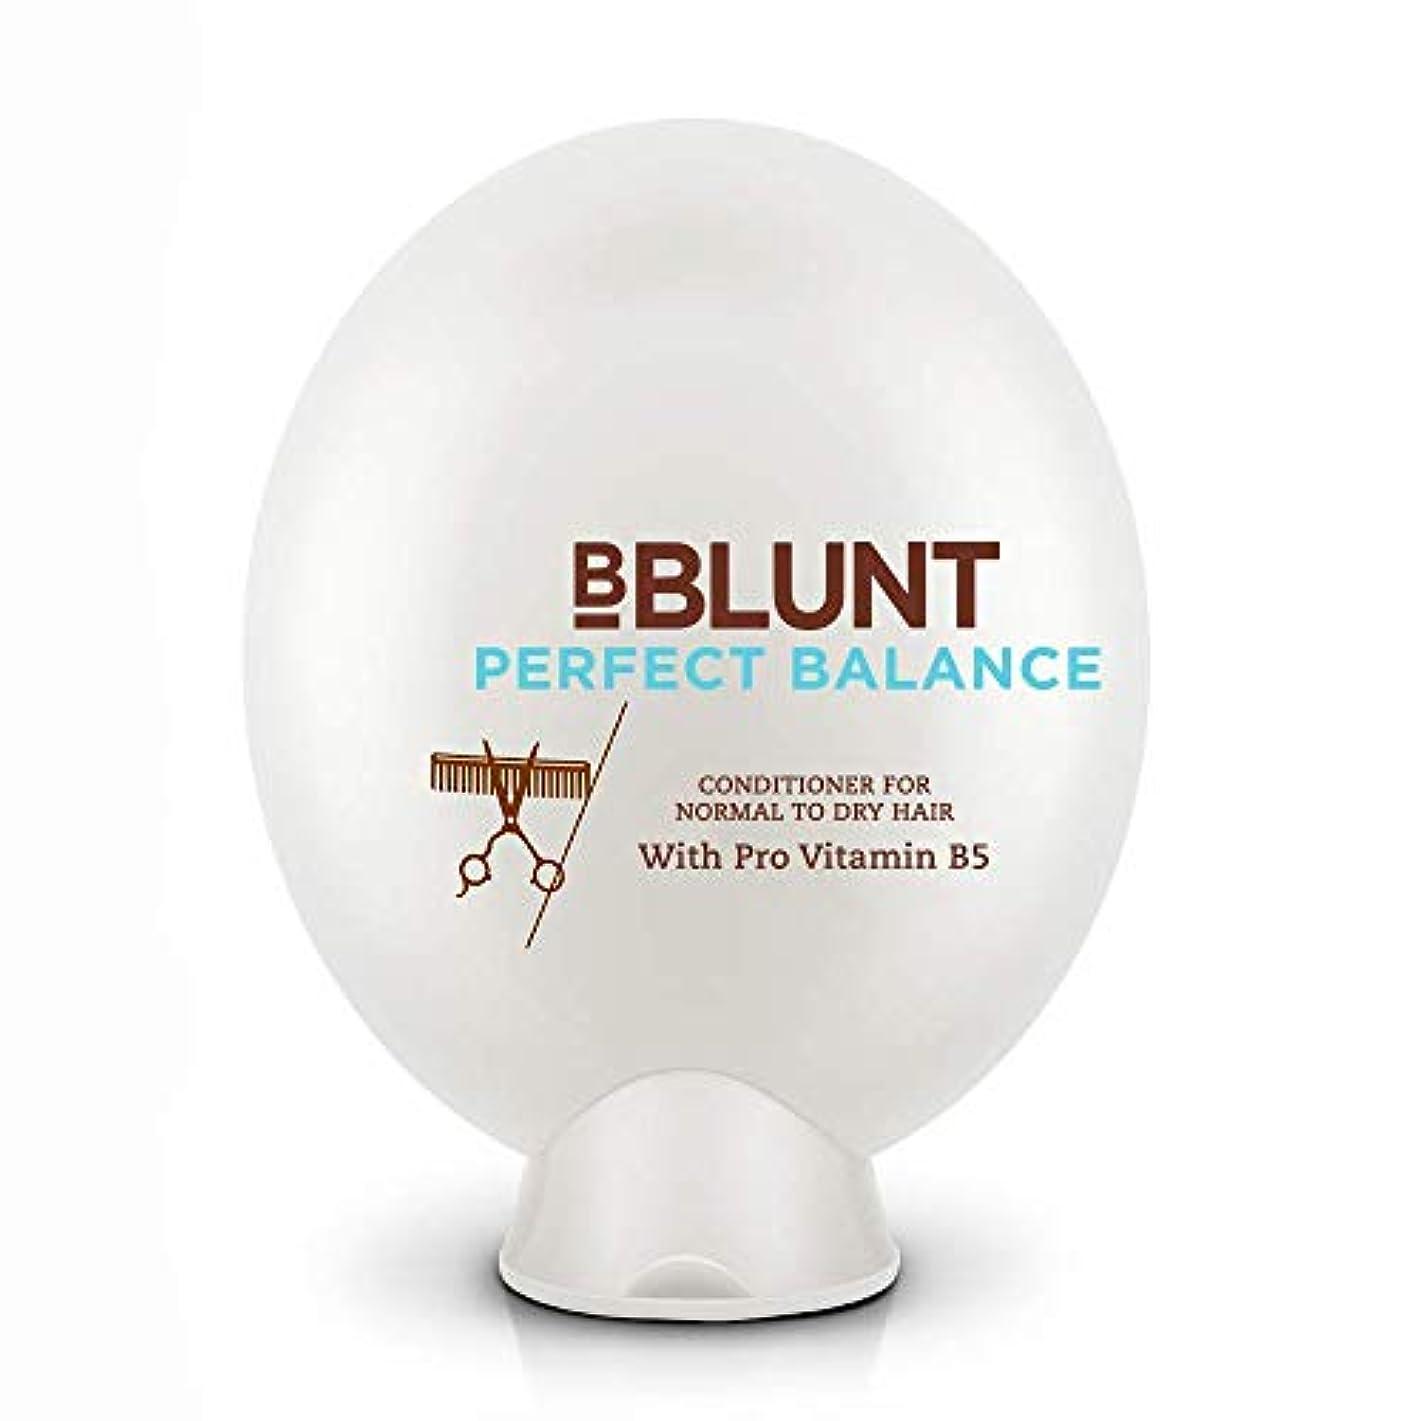 最近器具タンザニアBBLUNT Perfect Balance Conditioner for Normal To Dry Hair, 200g (Provitamin B5)